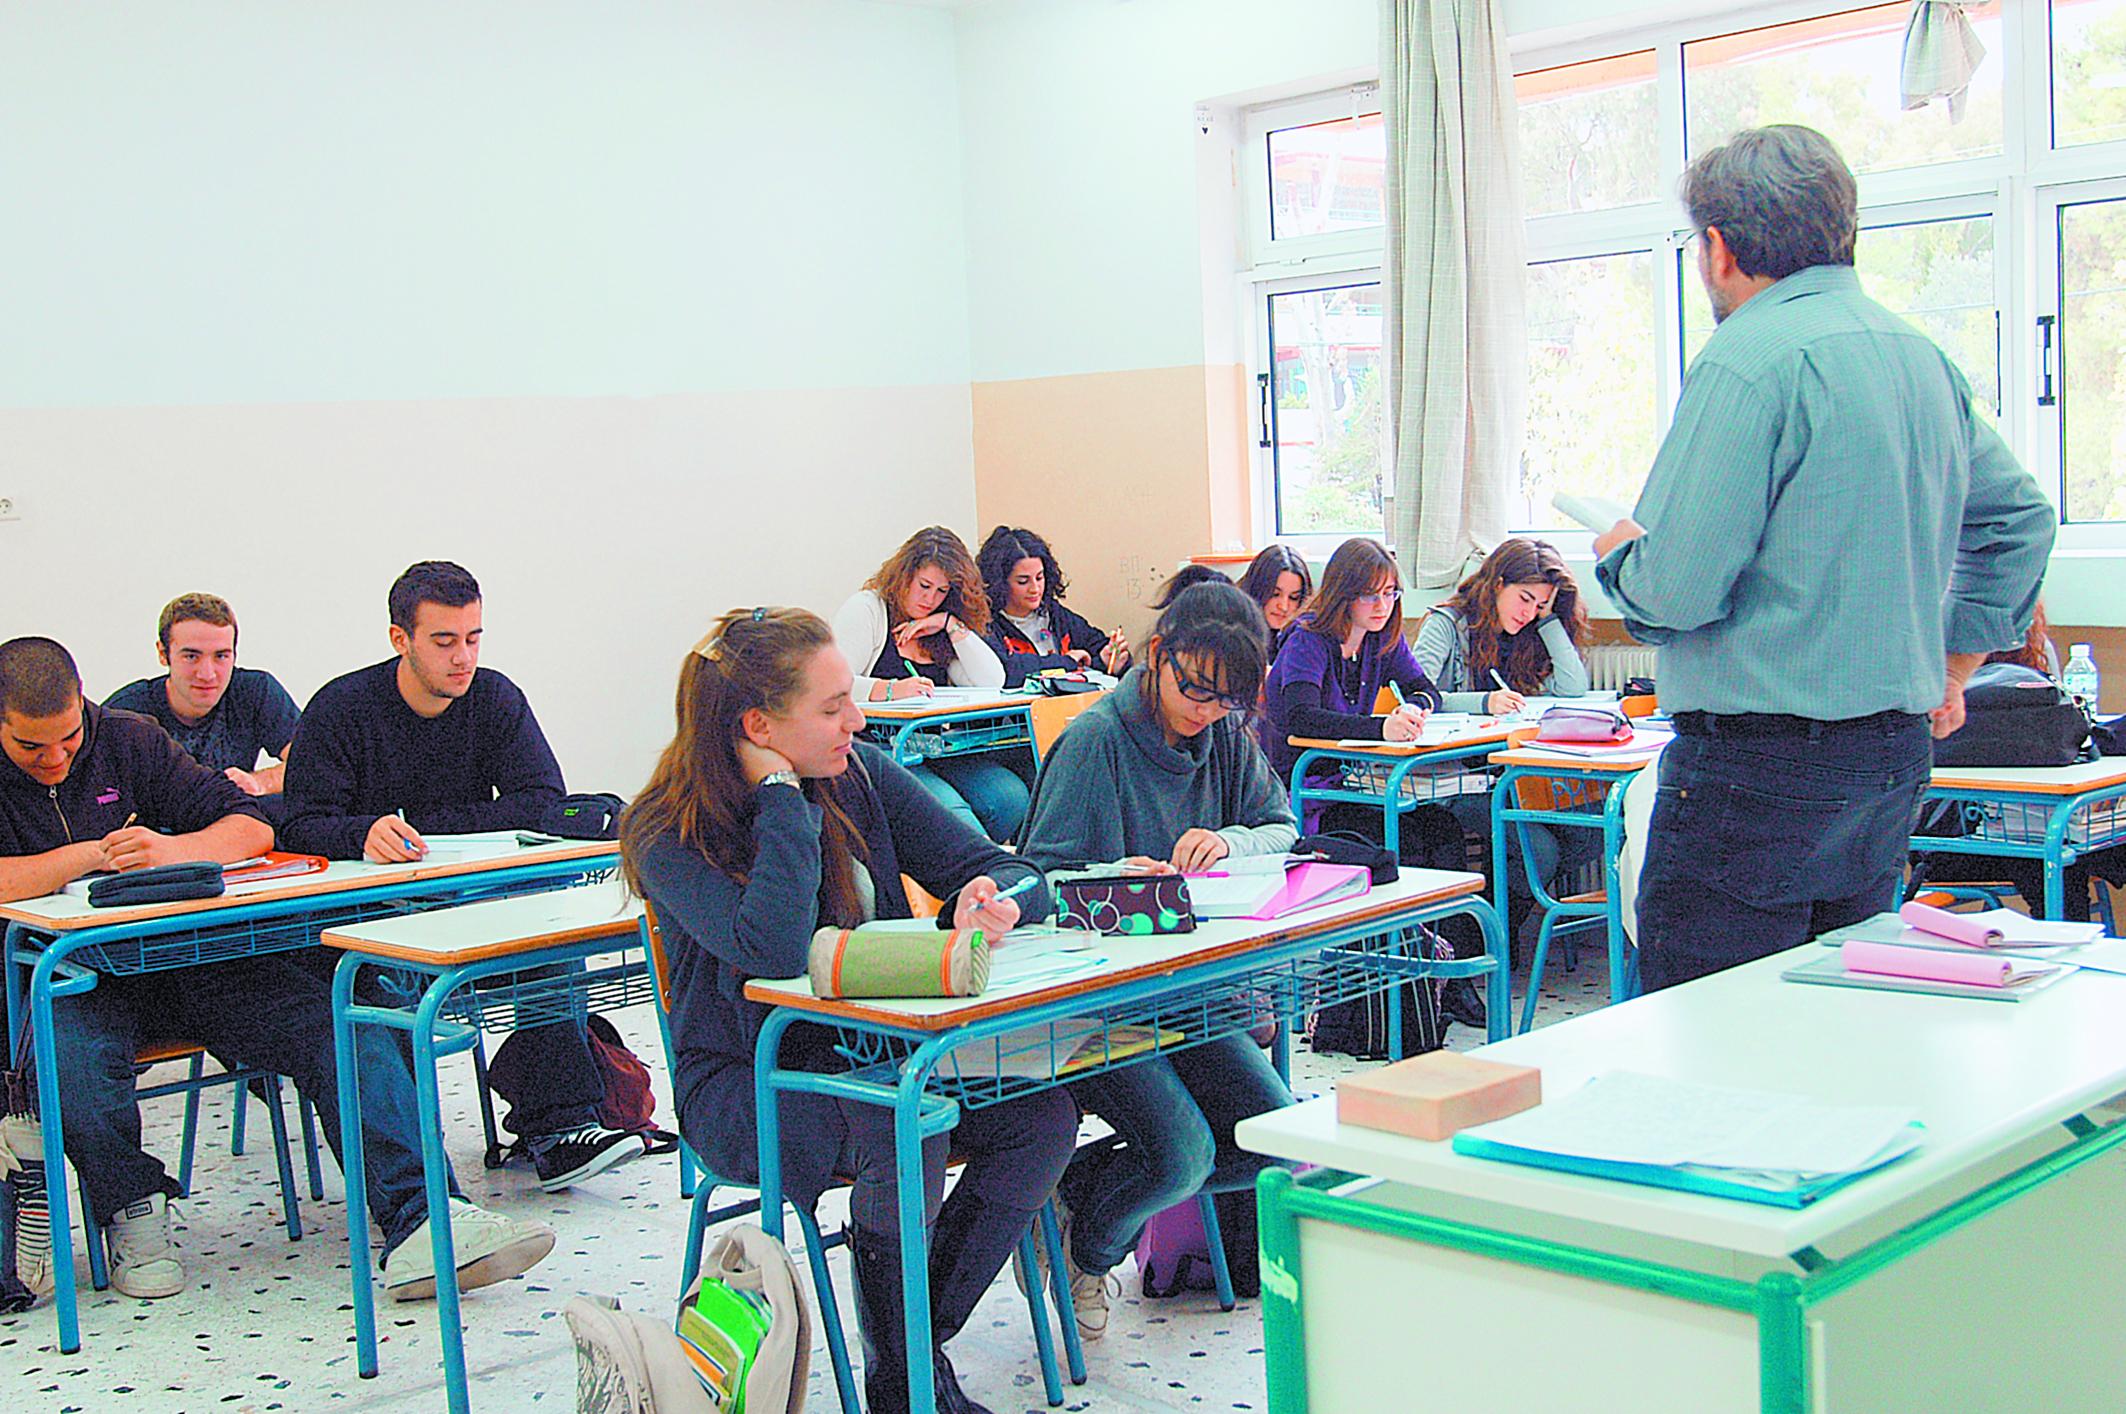 Απολύσεις τριών εκπαιδευτικών από δημόσια σχολεία   tovima.gr